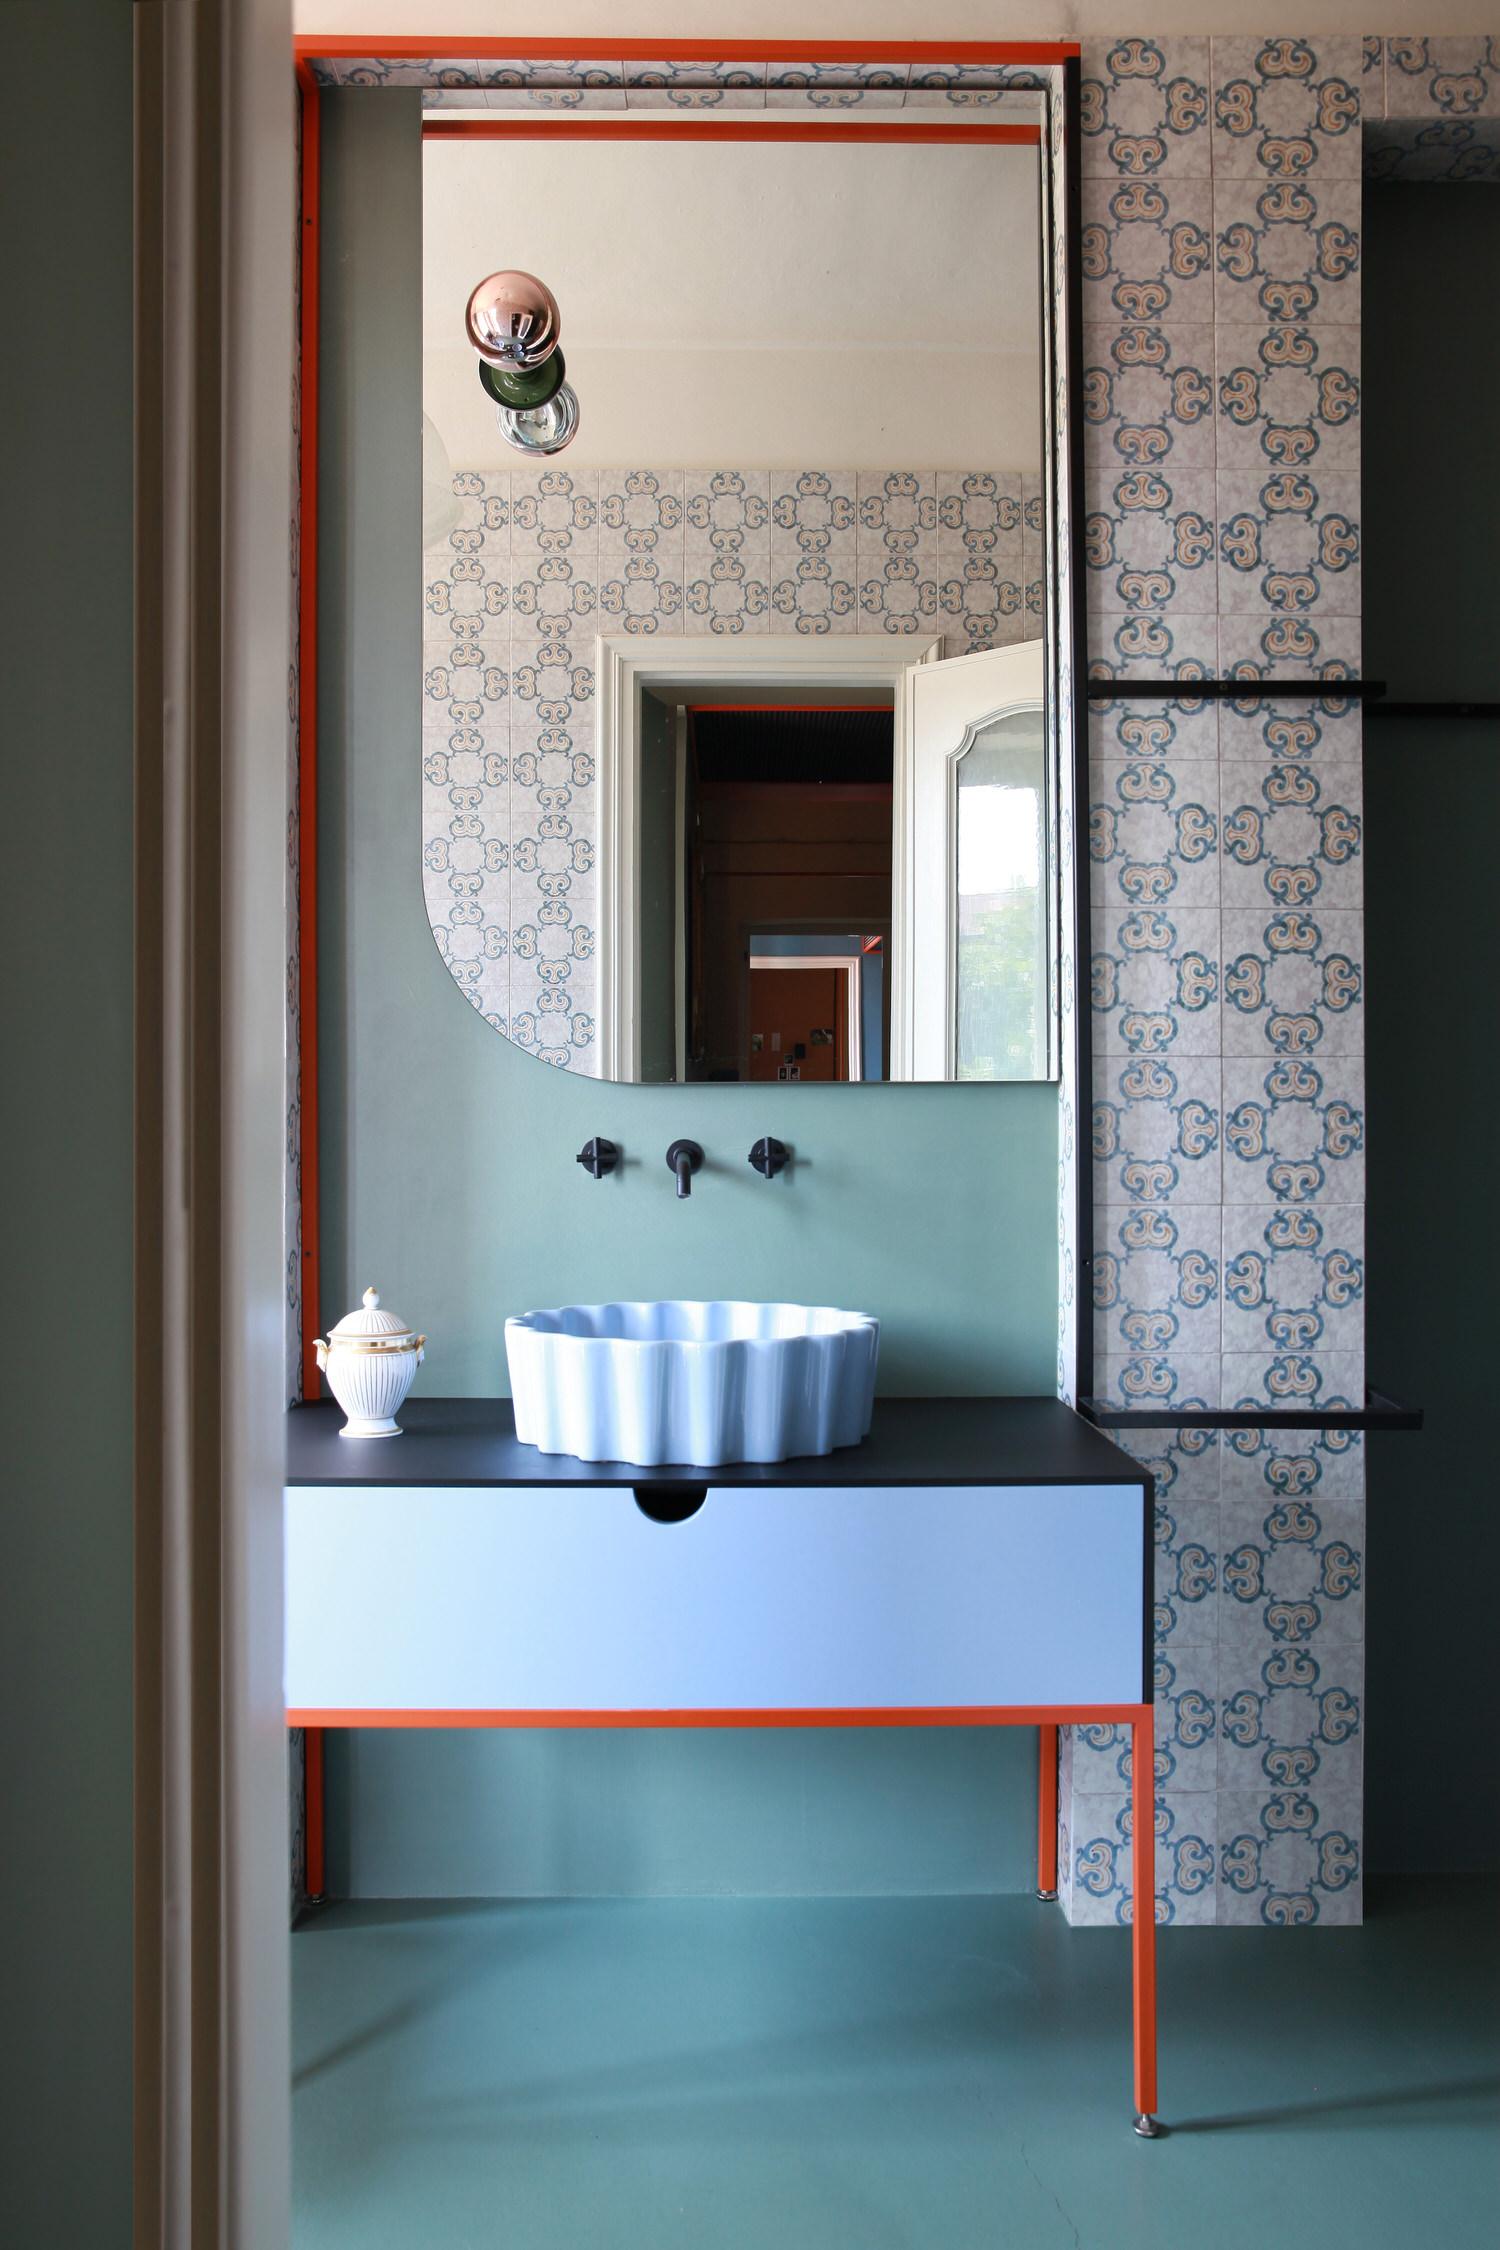 Marcante Testa Private House Renovation Cavallermaggiore Photo Carola Ripamonti Yellowtrace 14